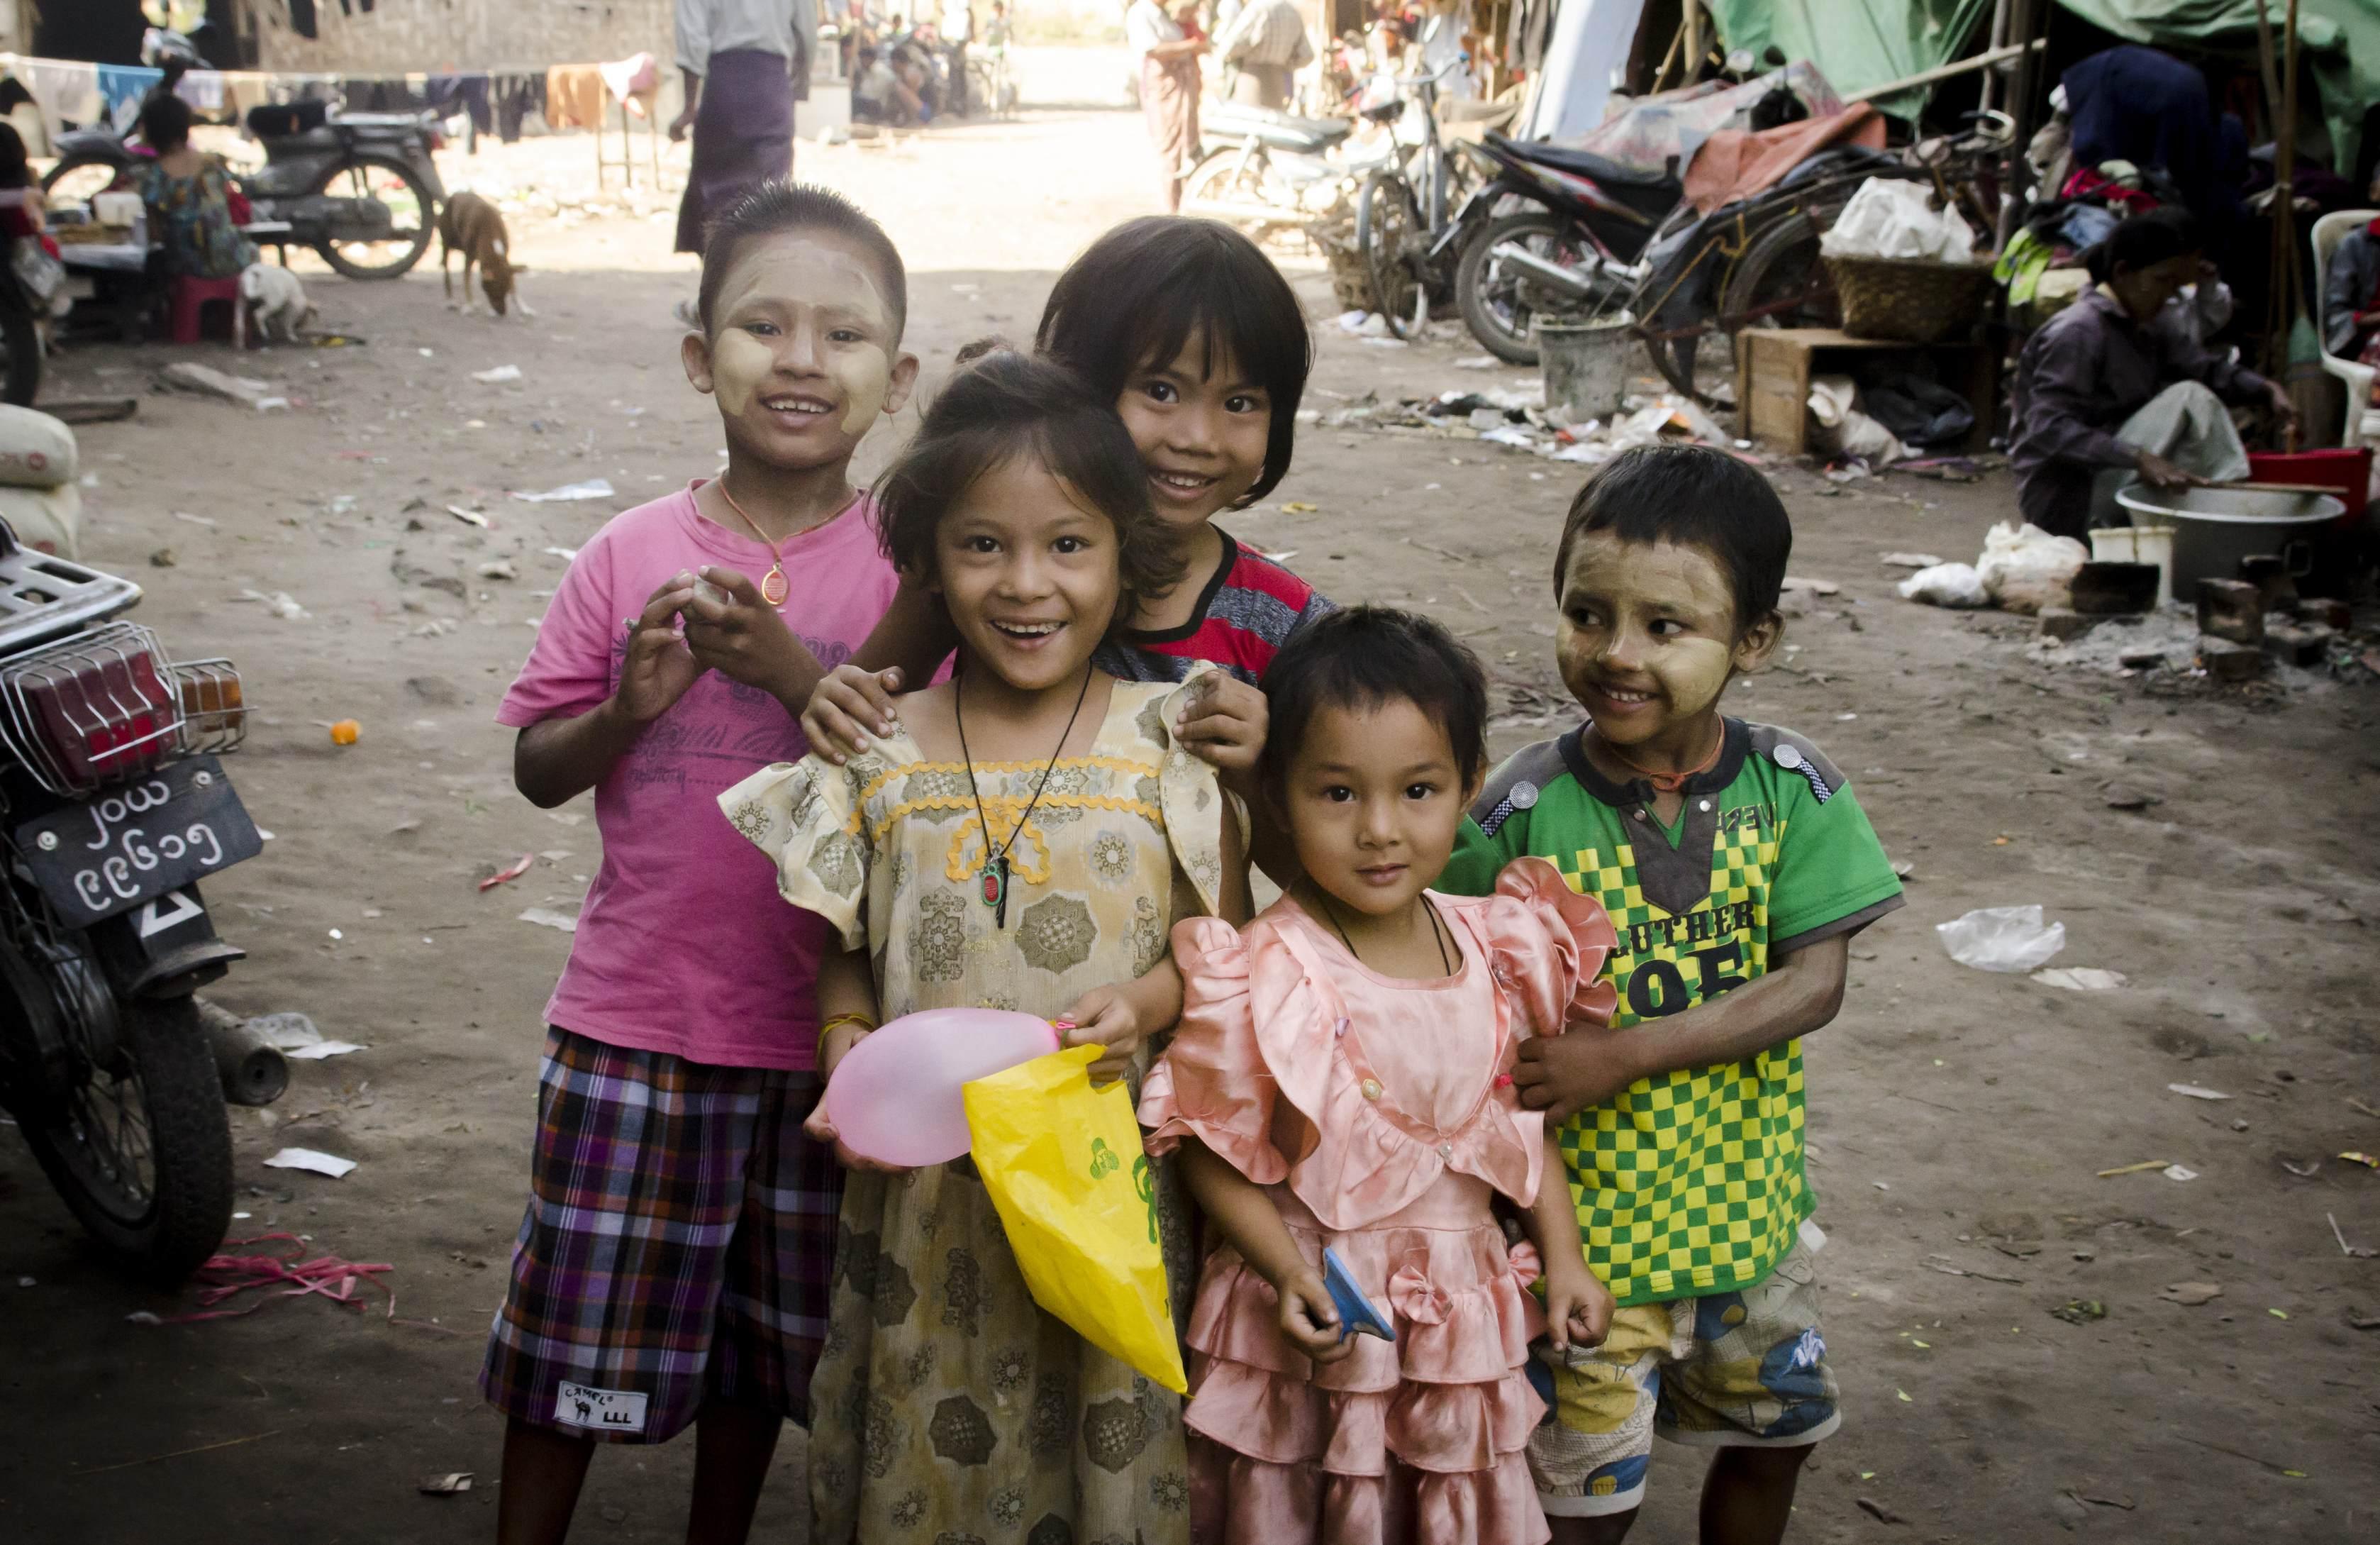 Des enfants posent à Mandalay